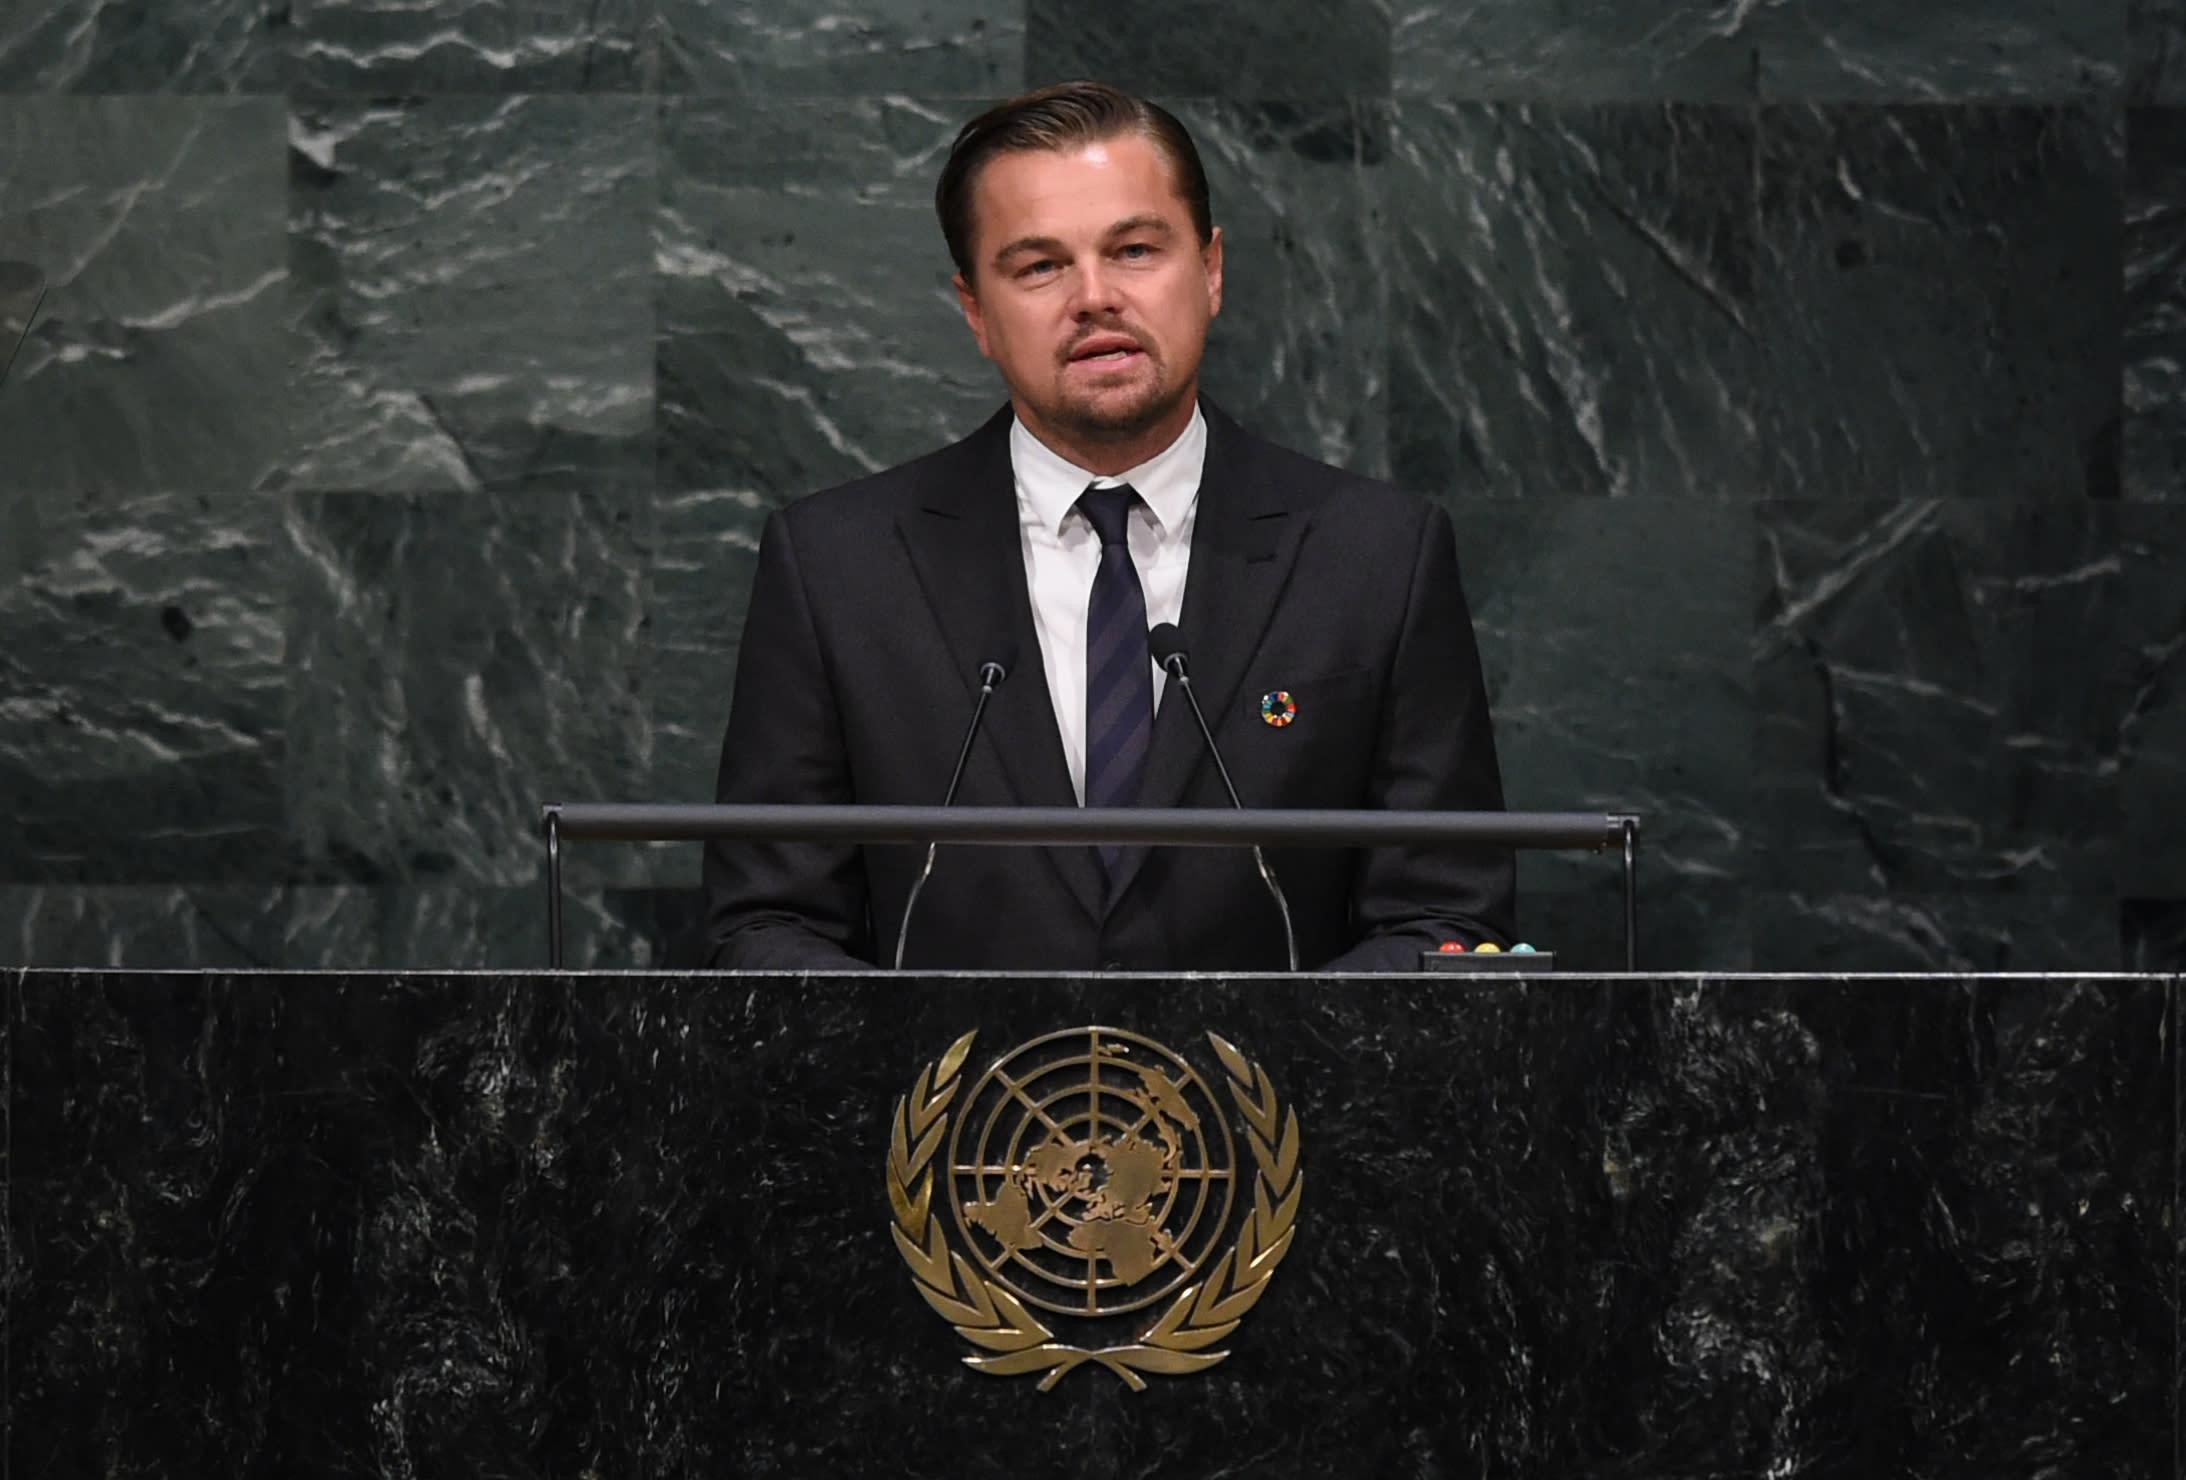 Leonardo DiCaprio Has a New Job: Advising a Climate Tech Fund